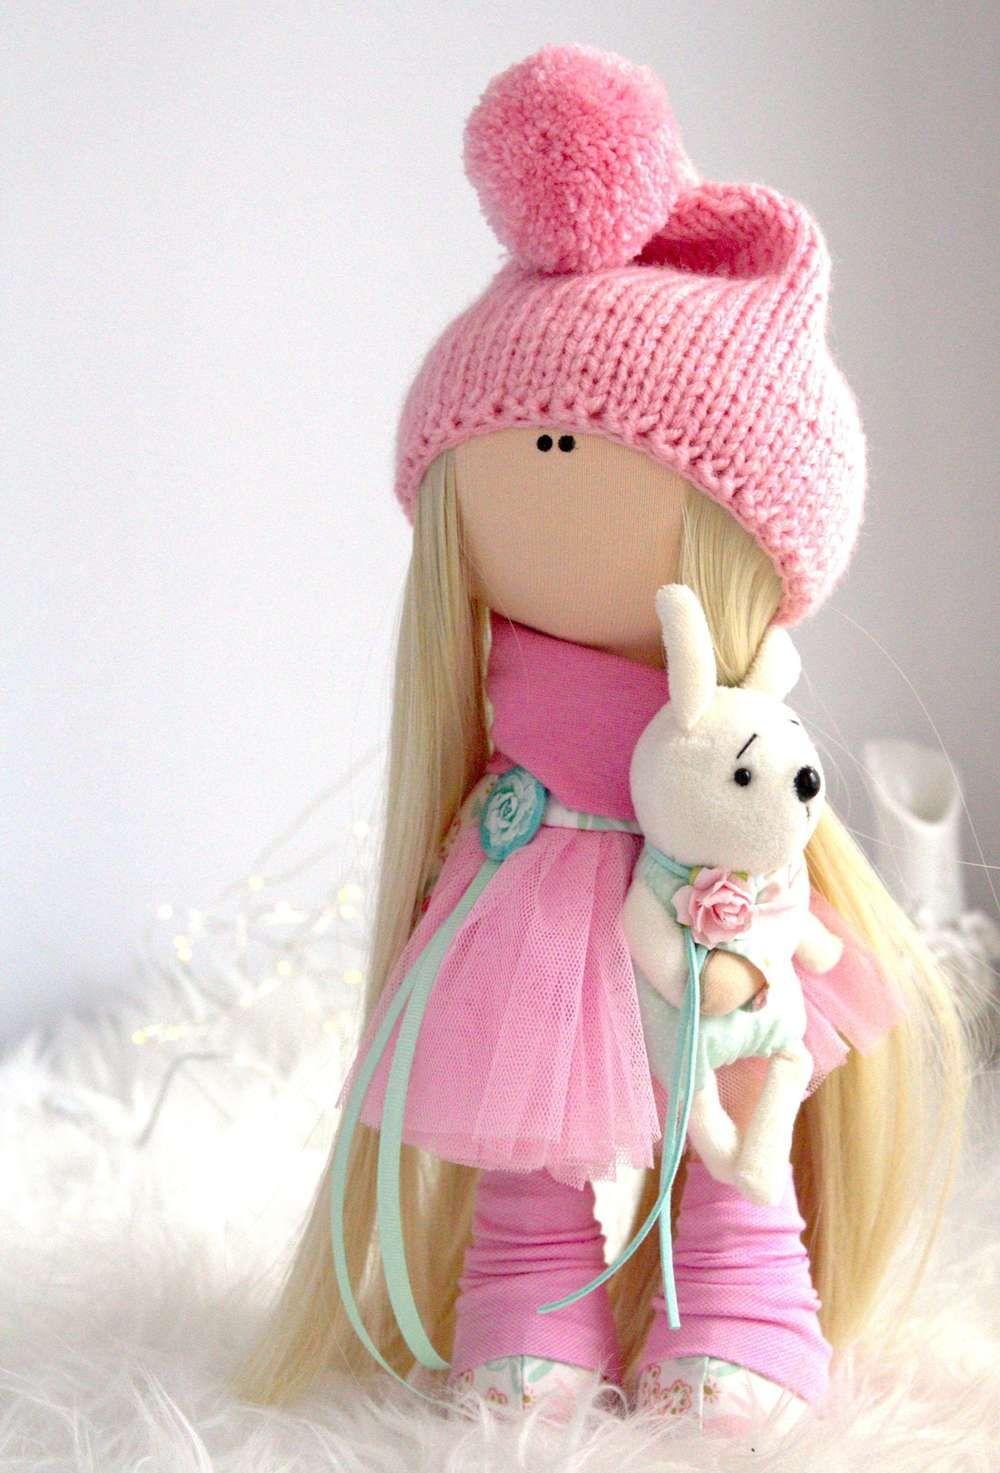 Выкройка интерьерной куклы и мягких игрушек, чтобы сшить